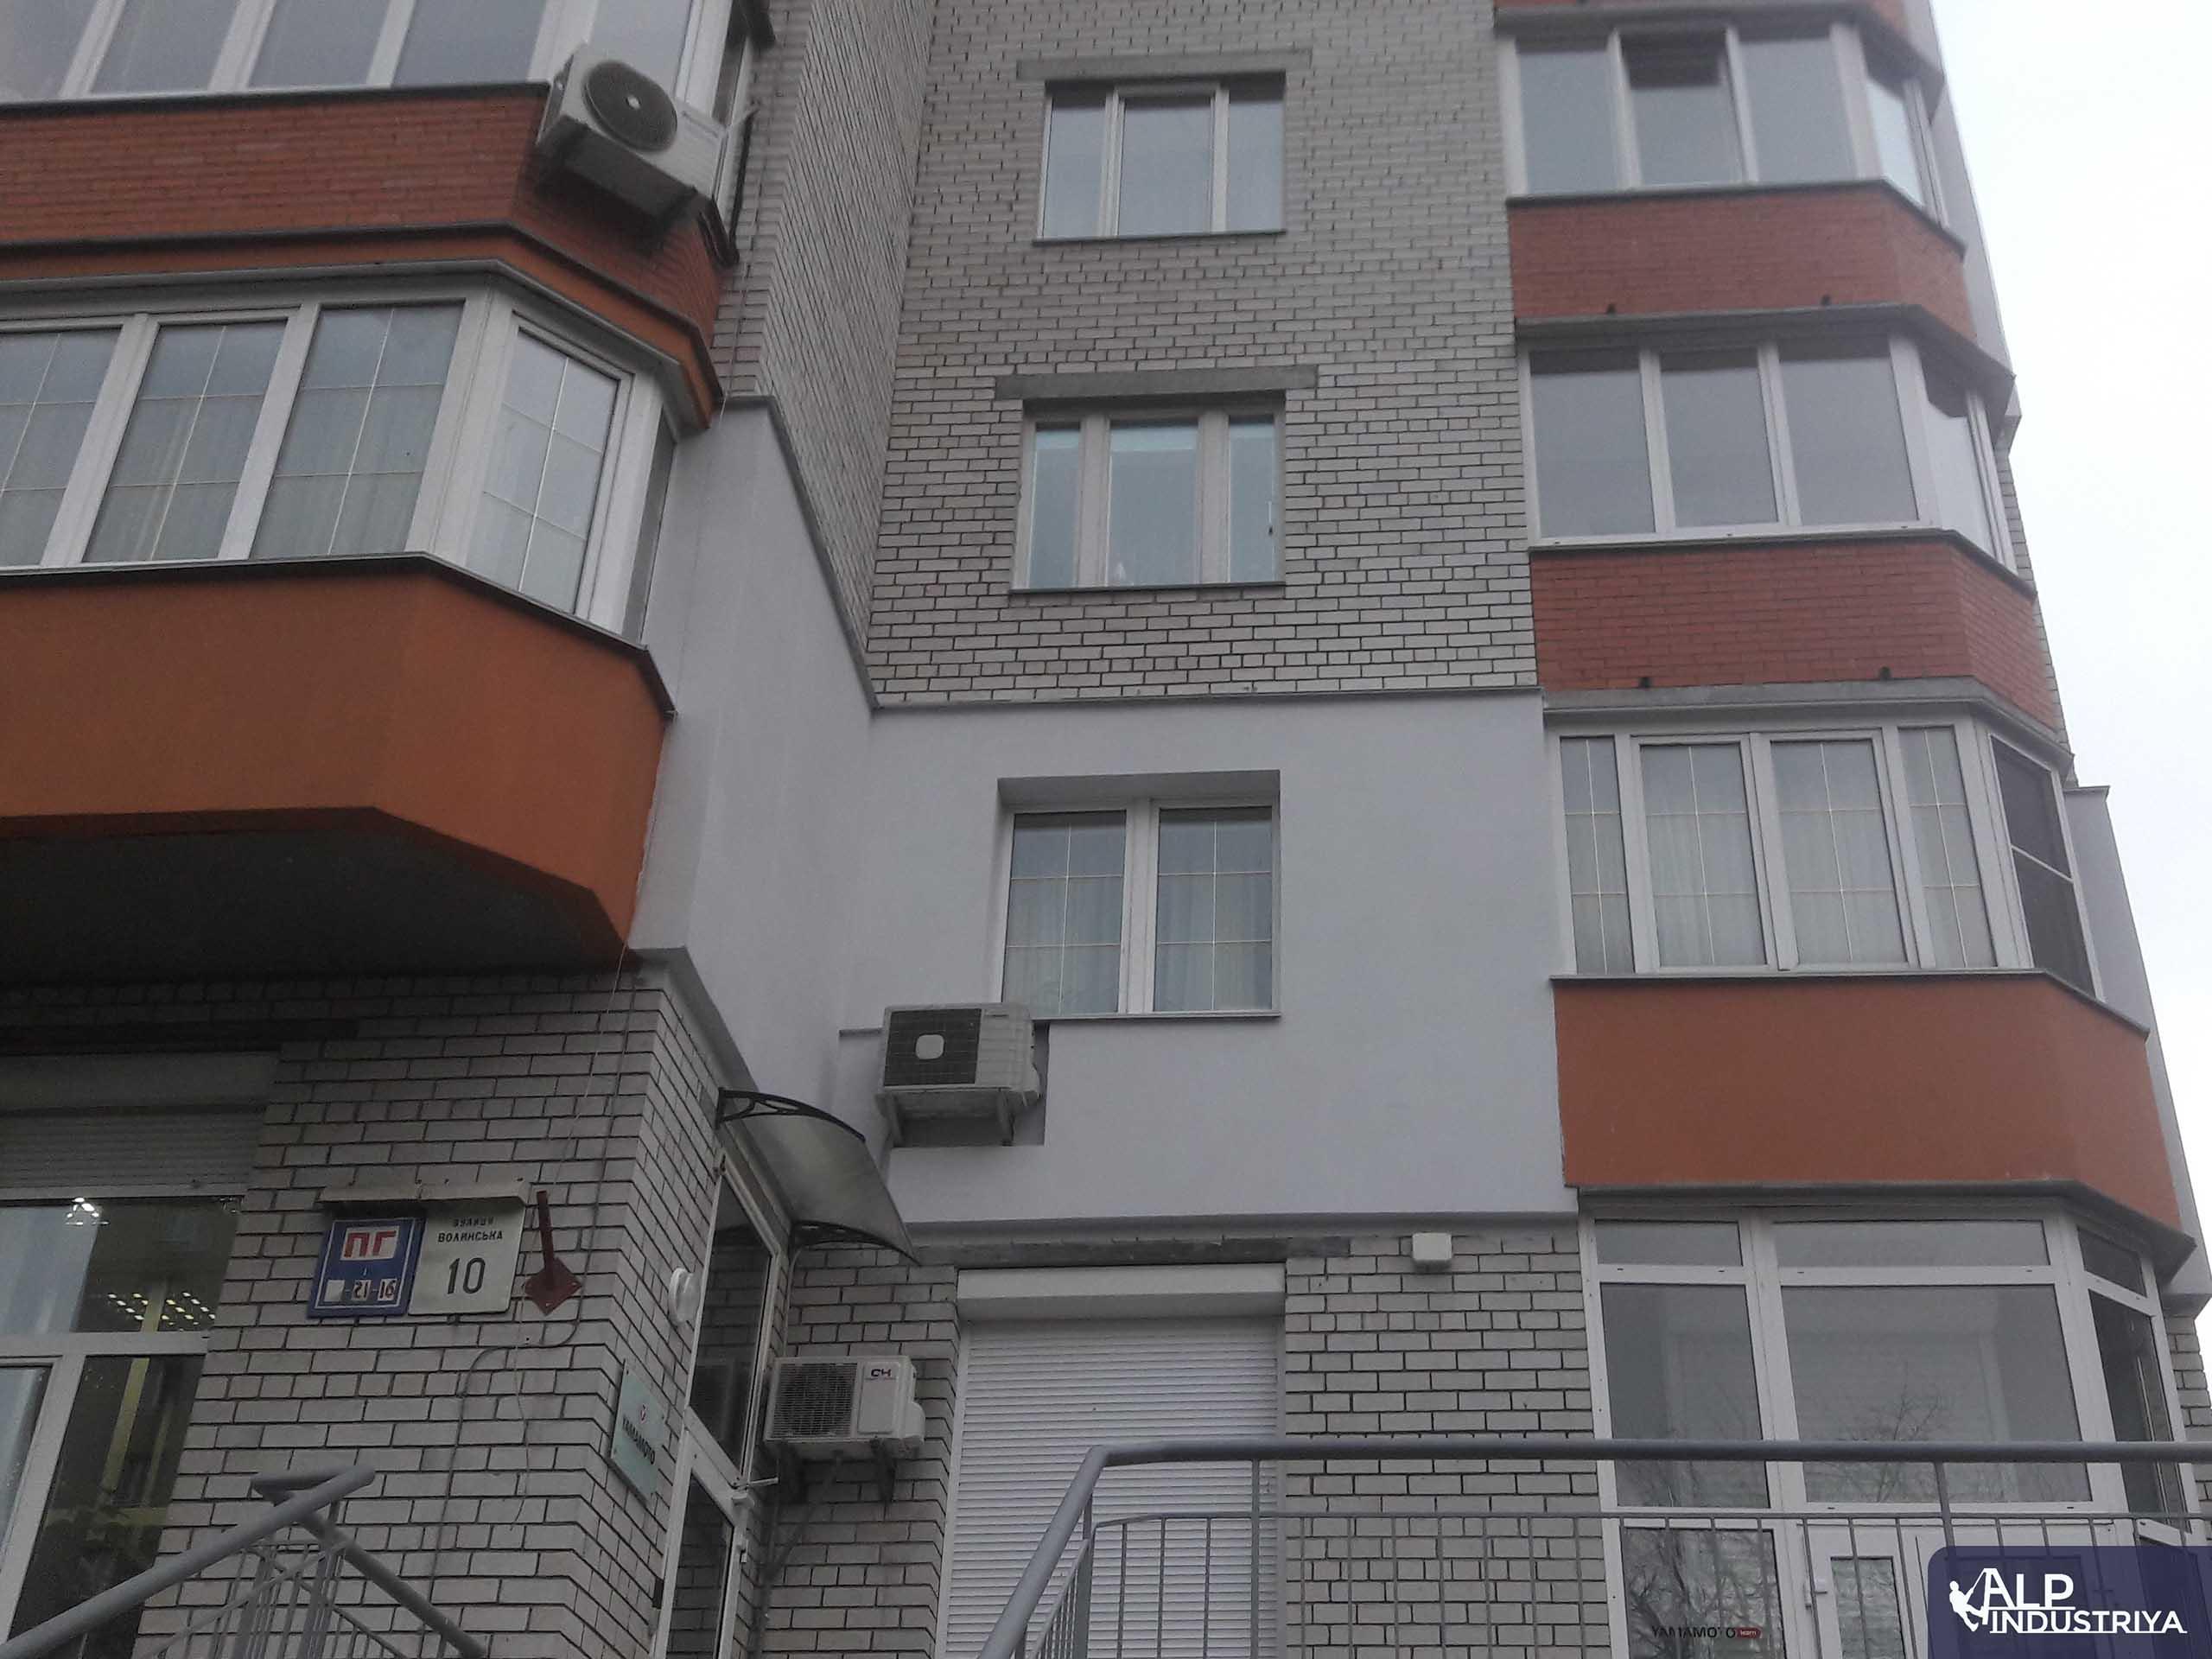 Выполненная работа по монтажу утеплителя, шпаклевке и покраске стен жилья-4